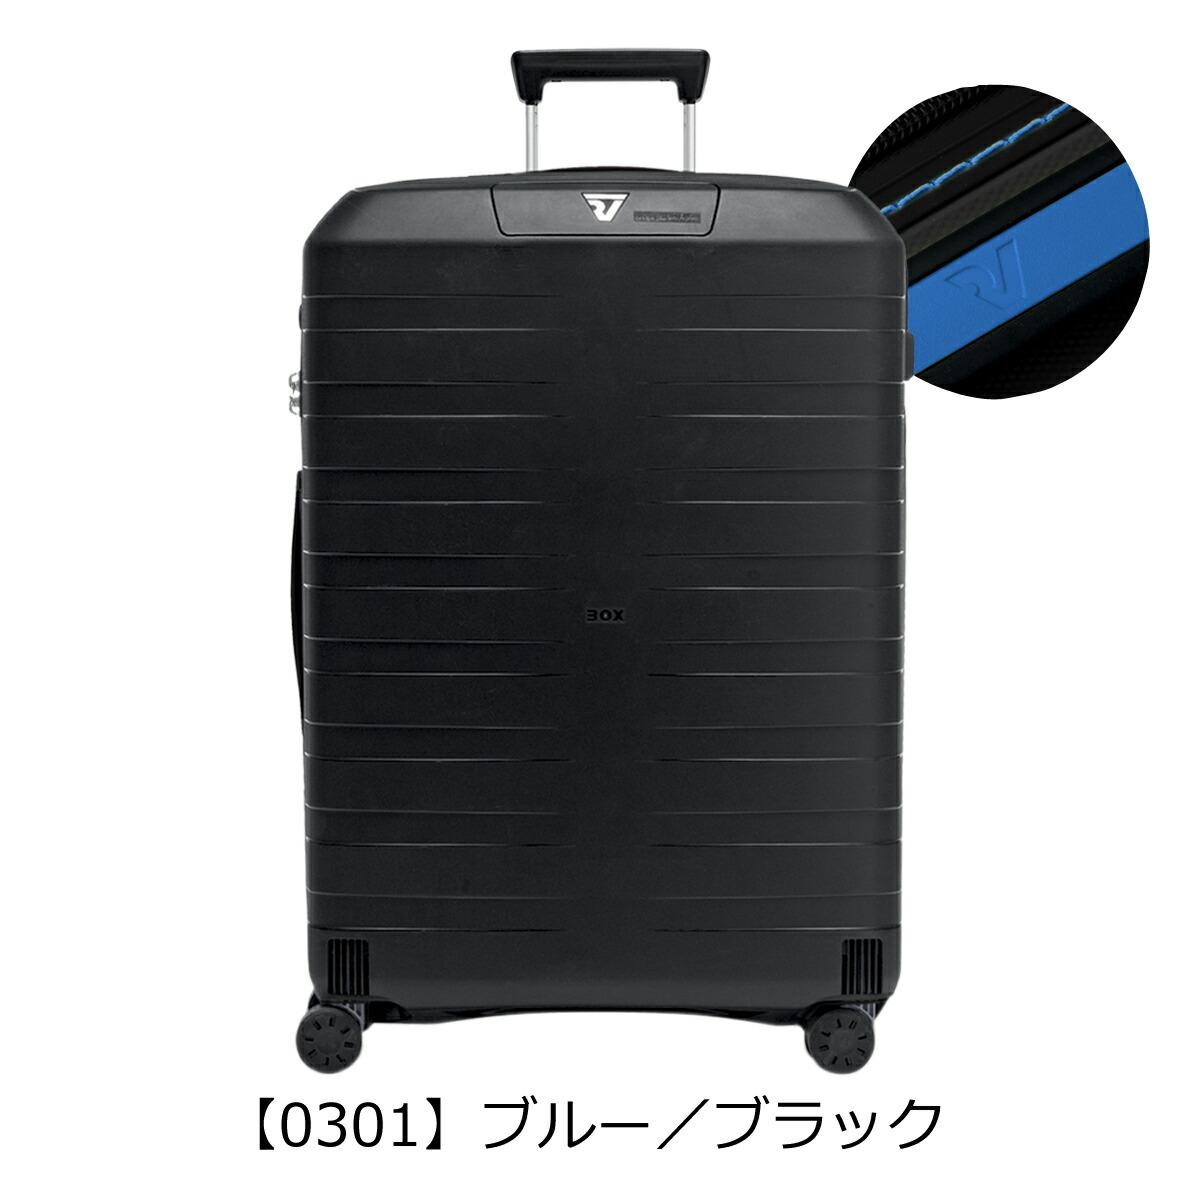 【0301】ブルー/ブラック